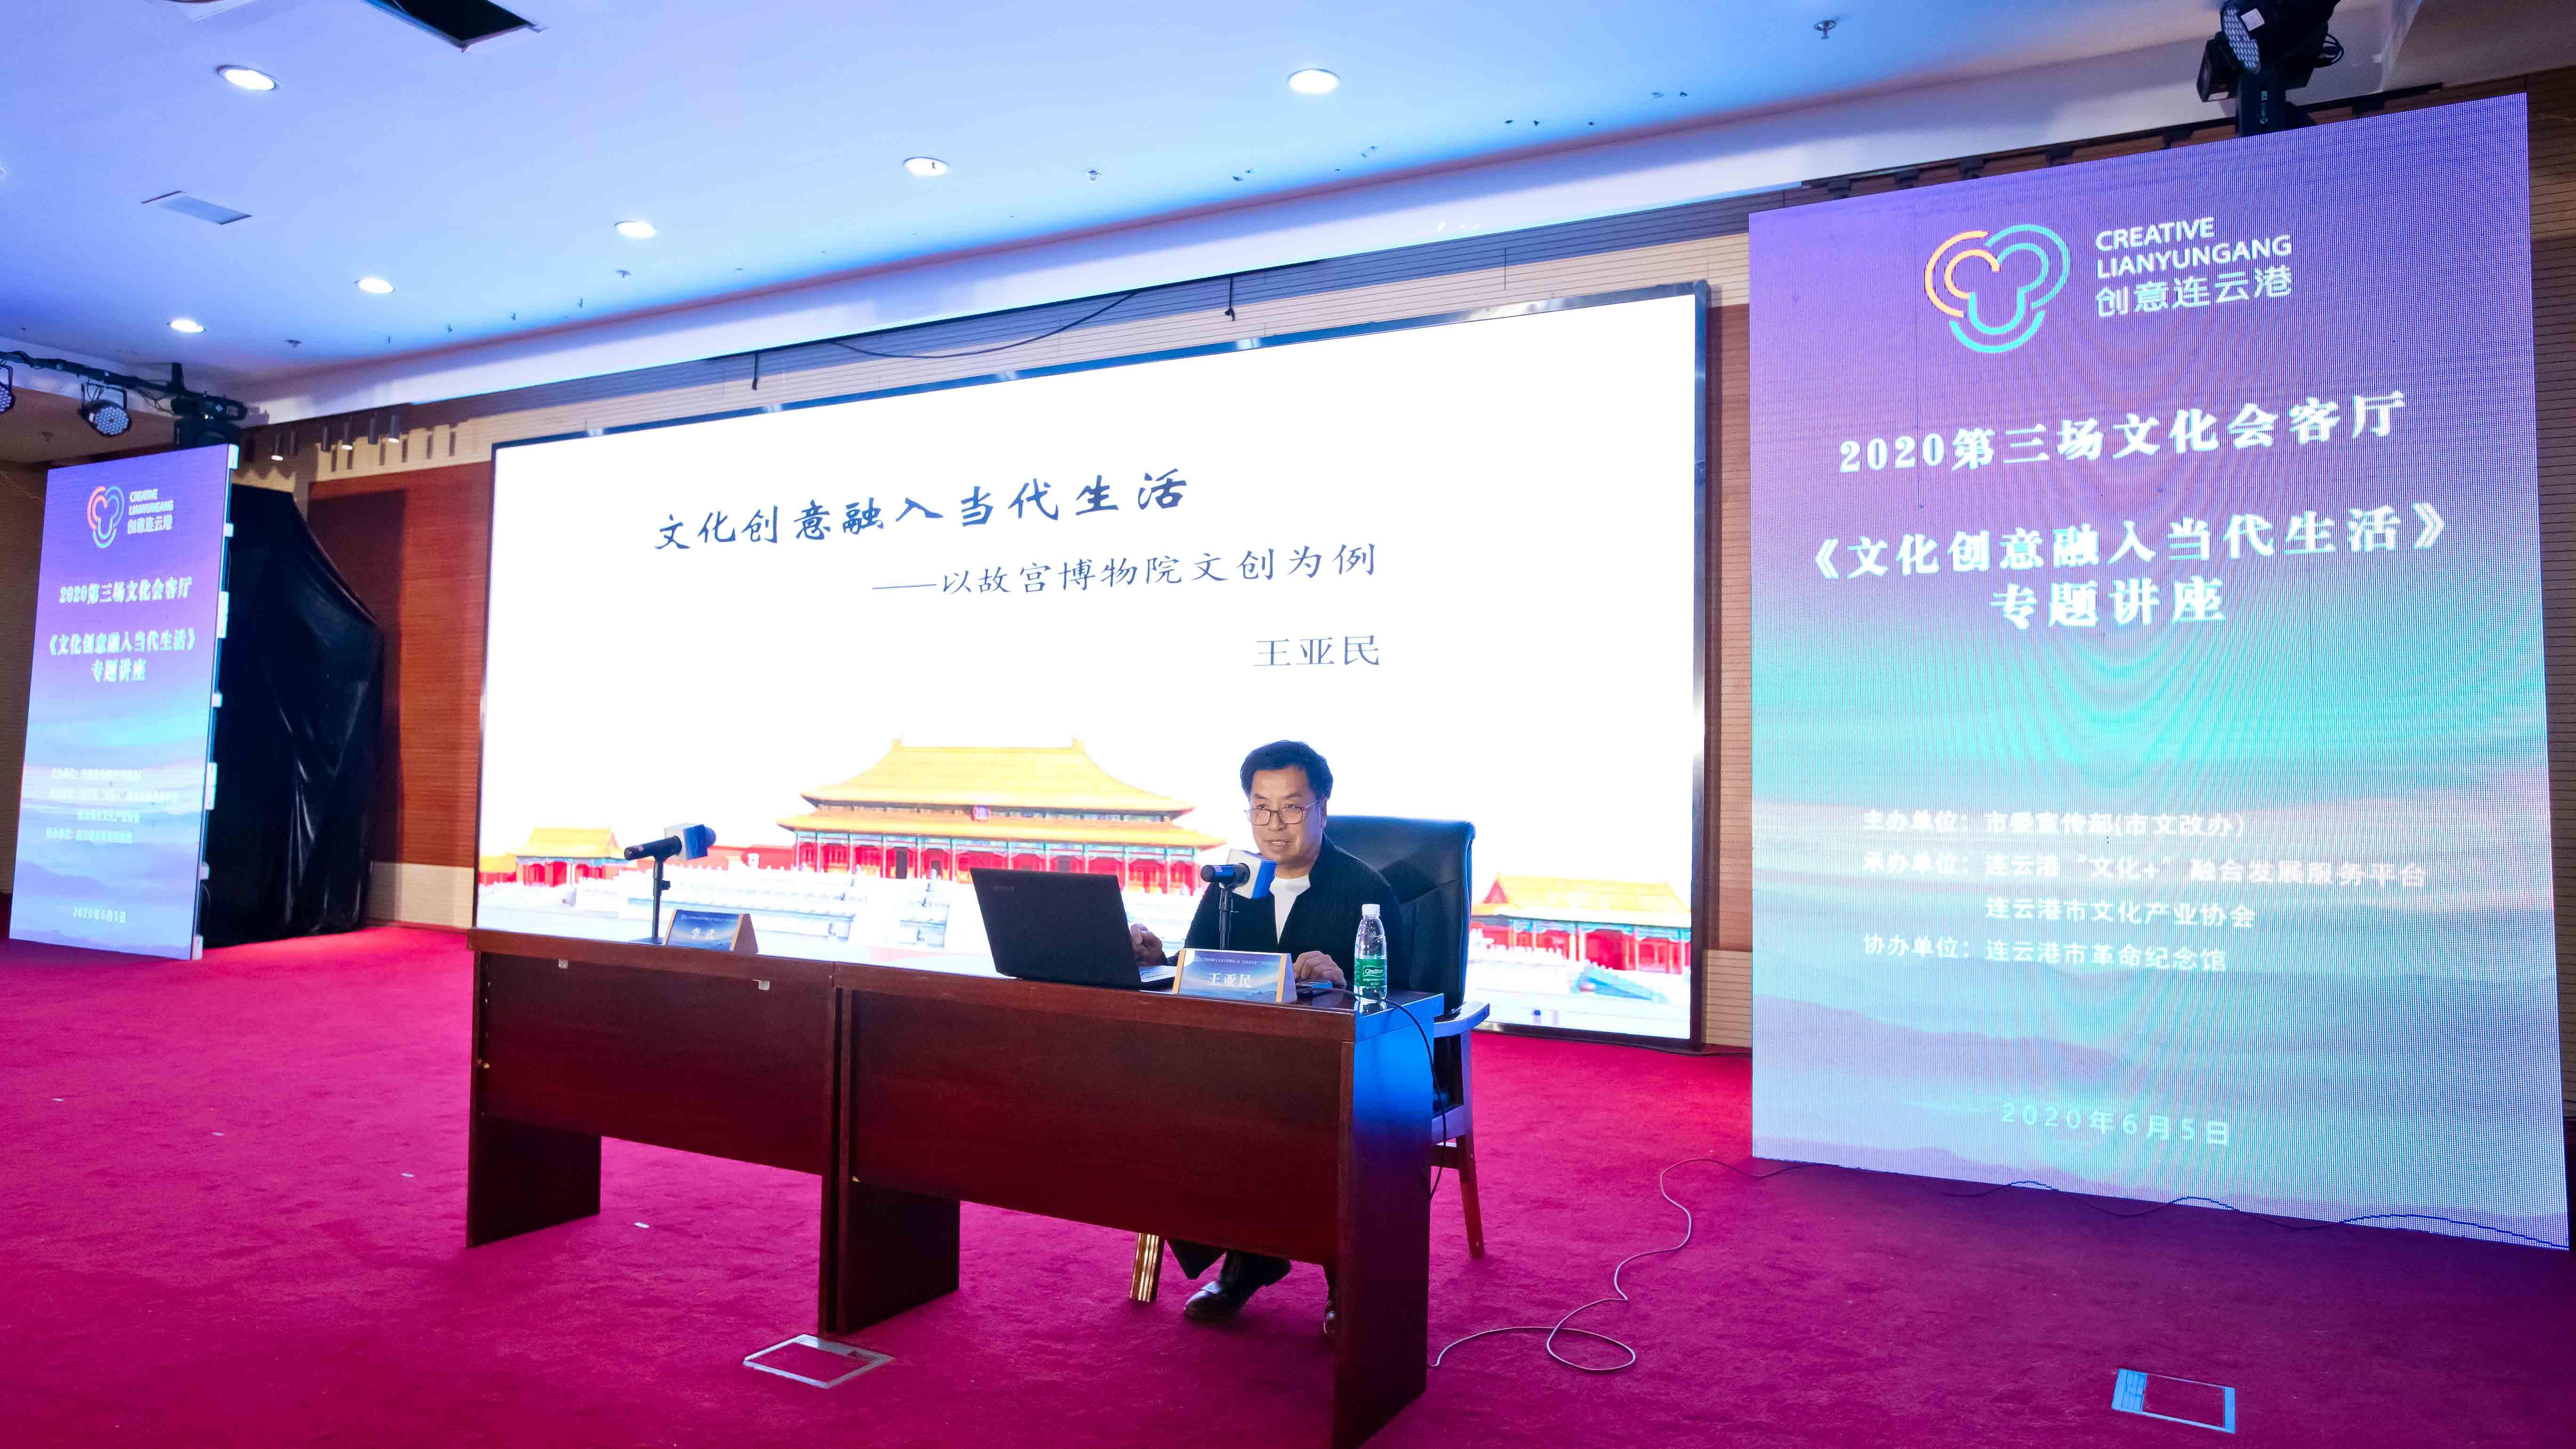 """2020西游文化嘉年华和第六届""""创意连云港""""文化创意创业大赛全面启动"""